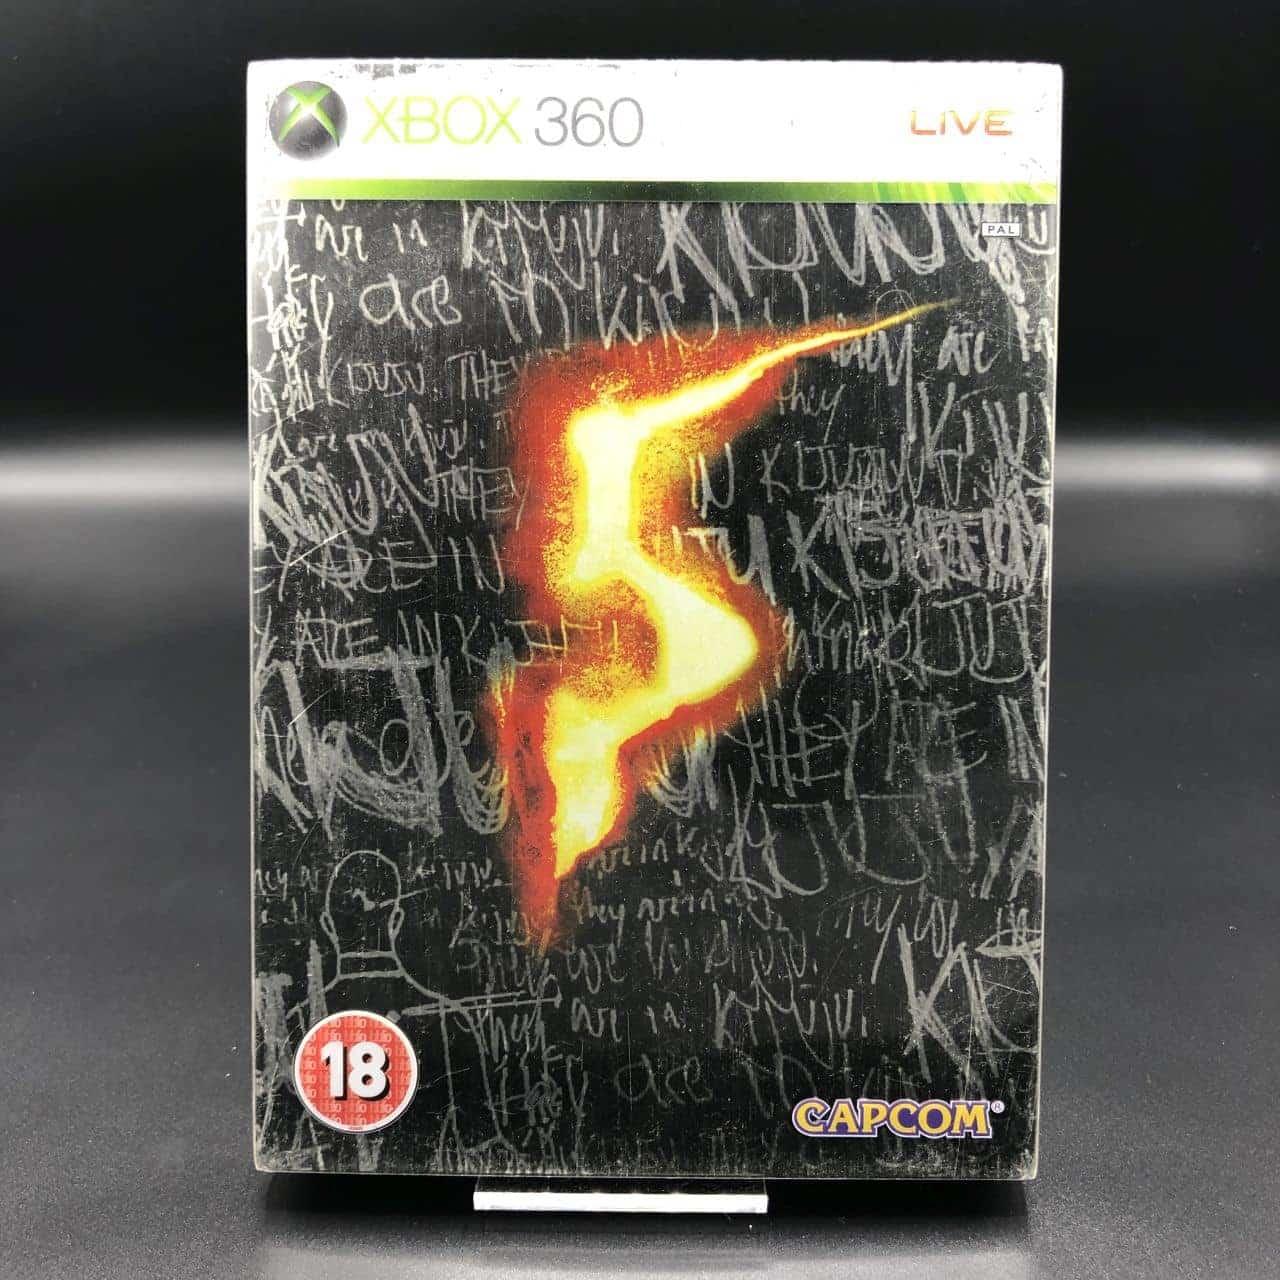 Resident Evil 5 (Steelbook) (Komplett) (Sehr gut) XBOX 360 (FSK18)